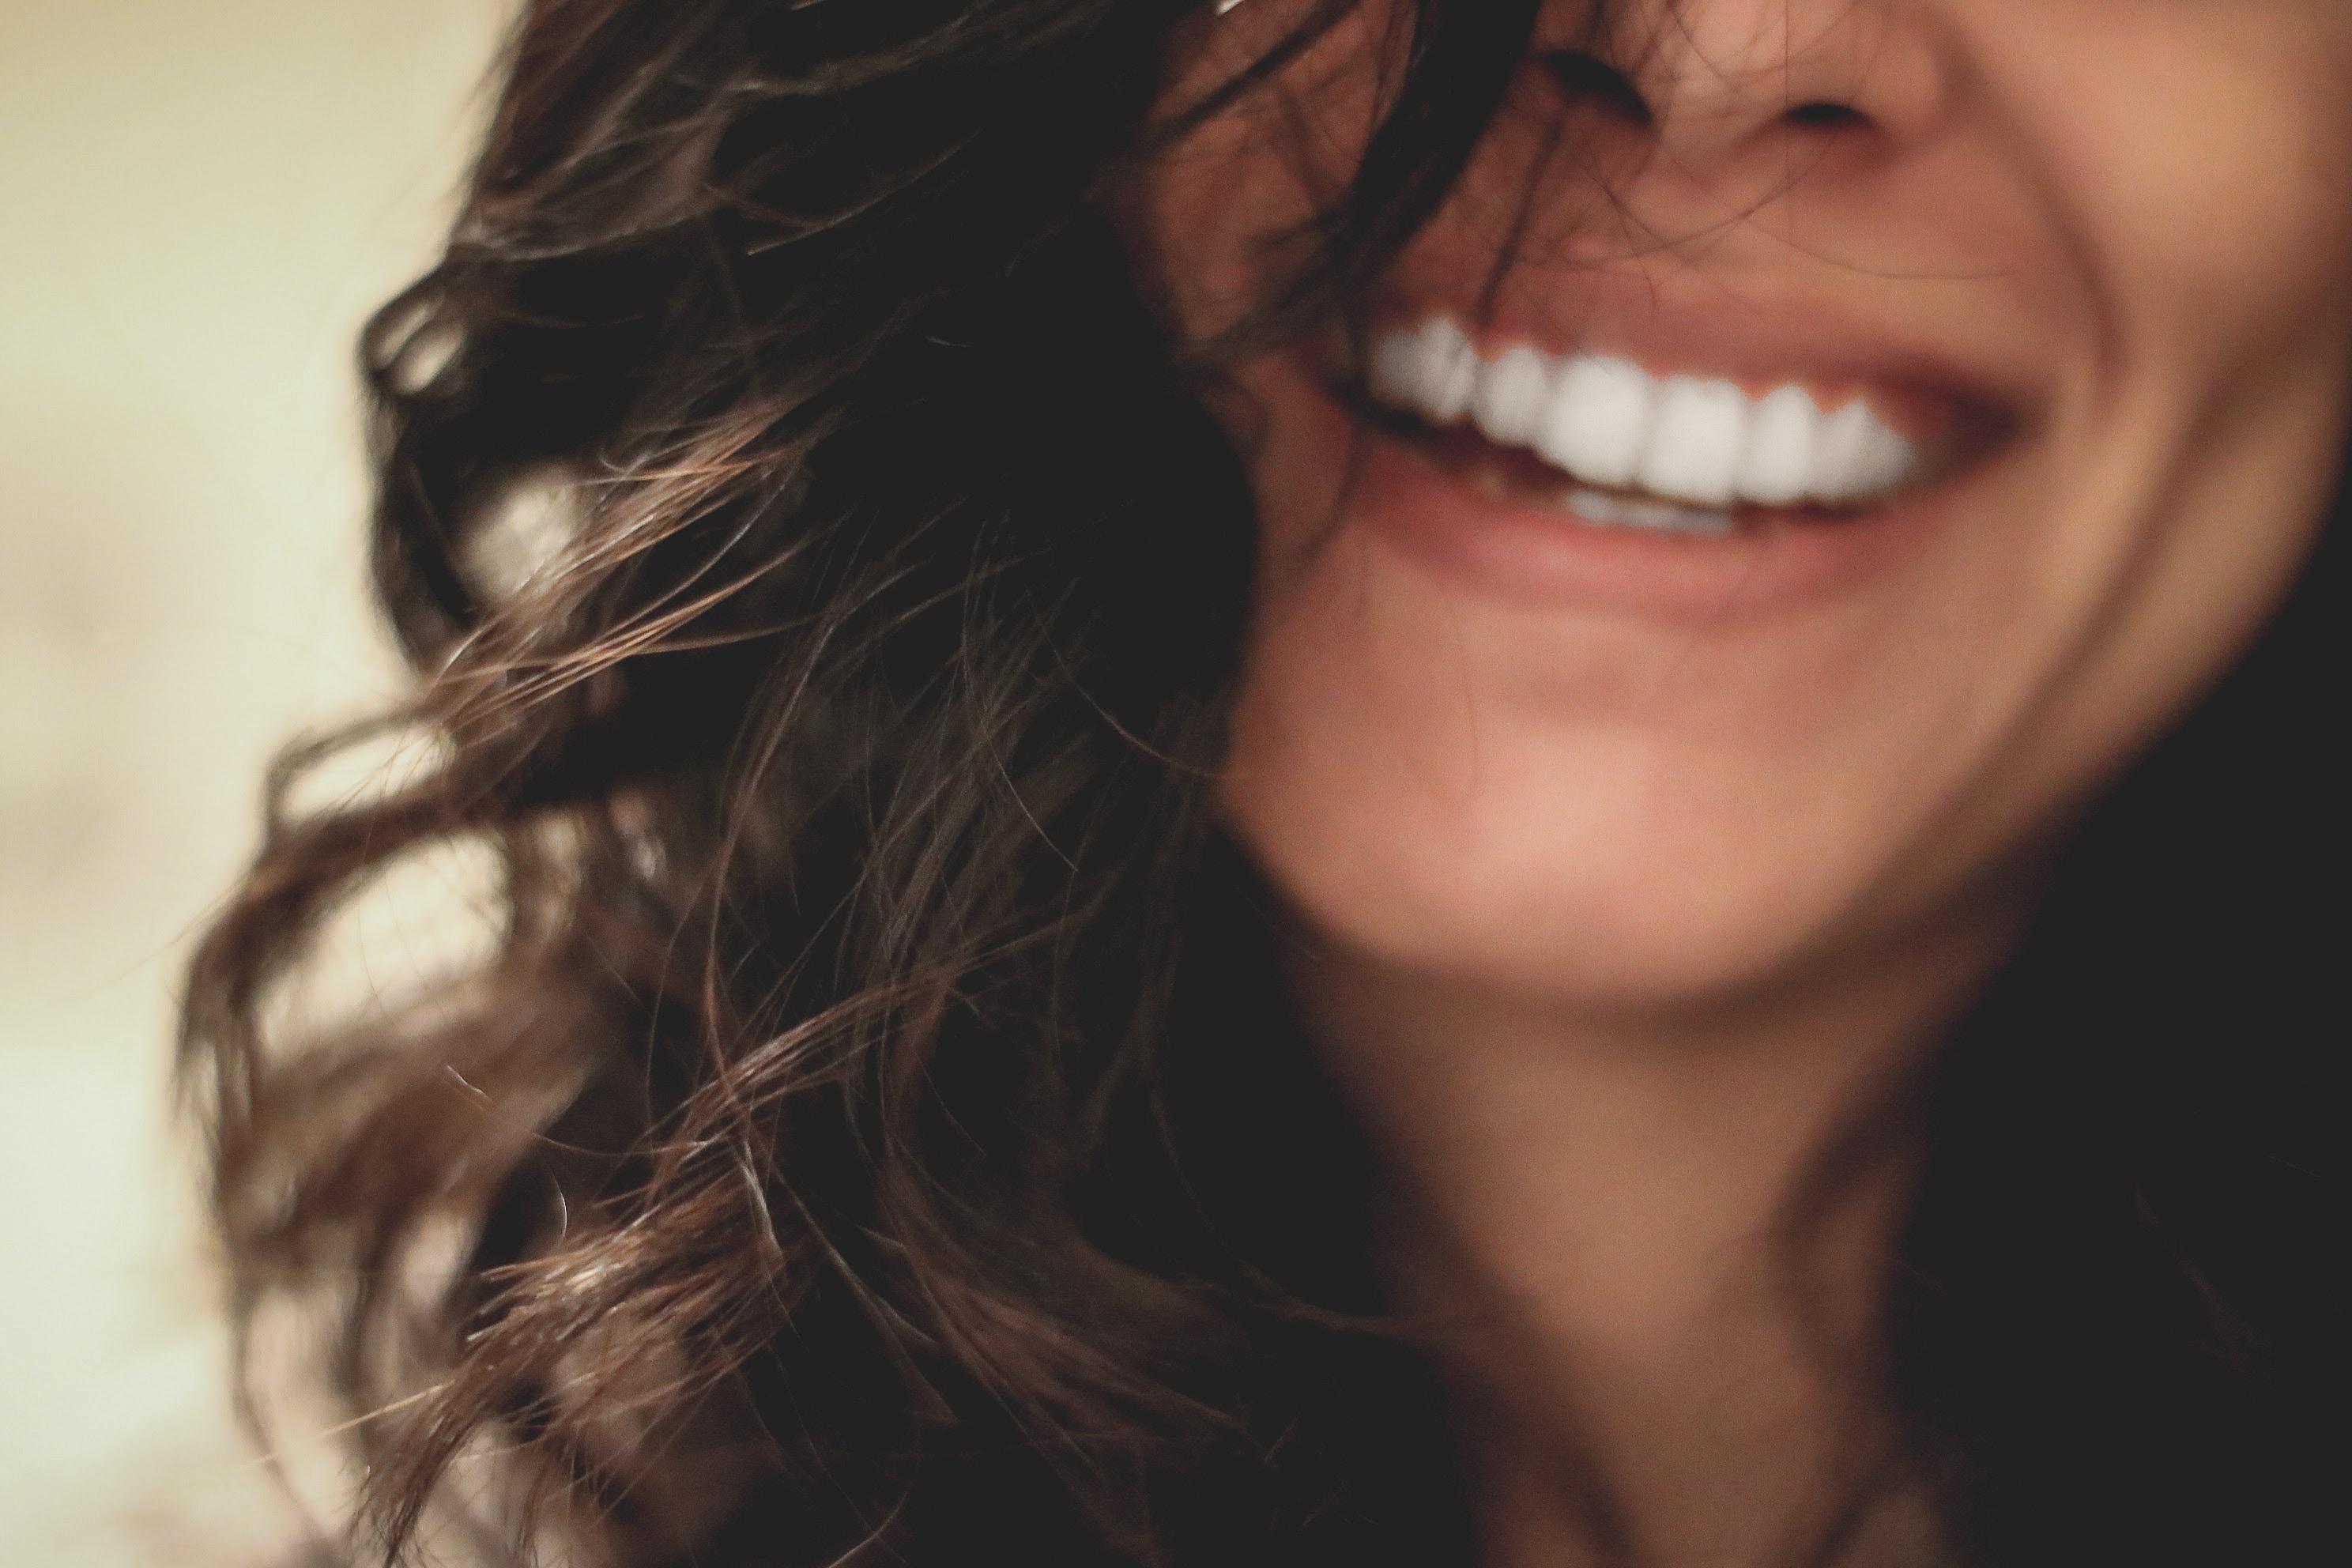 幸せかどうかは捉え方次第